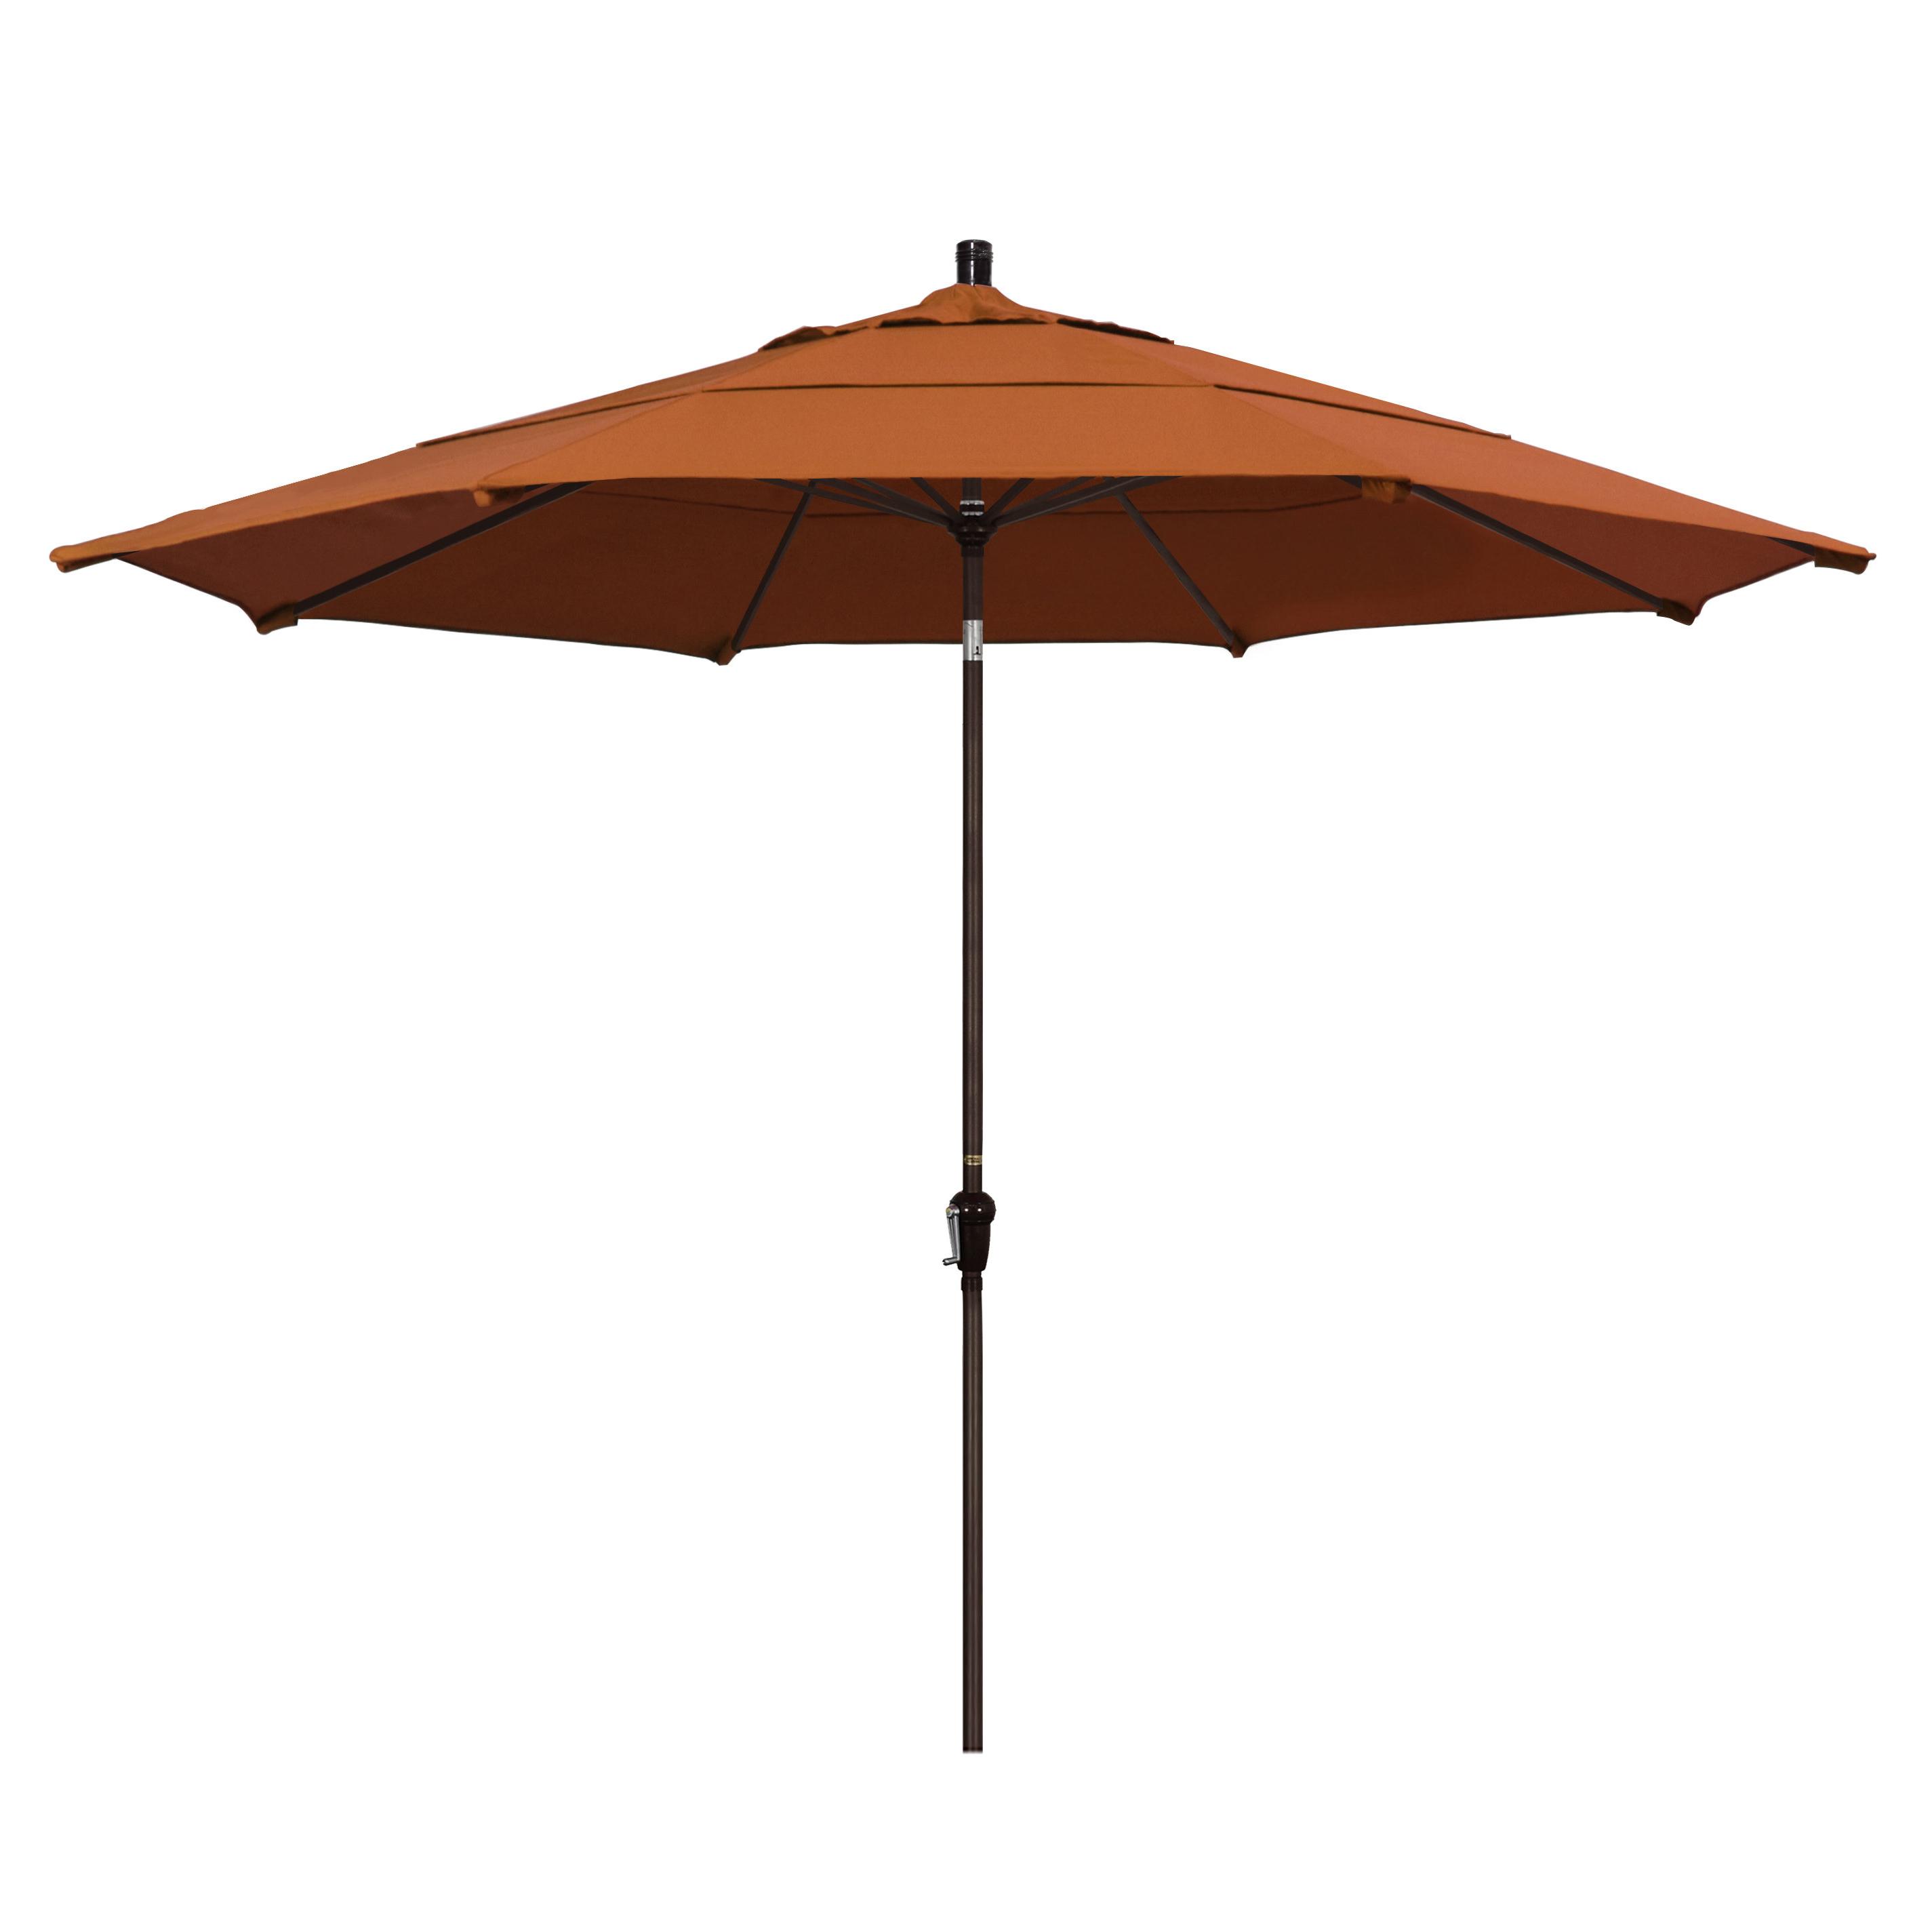 Mullaney Market Sunbrella Umbrellas With Newest Mullaney 11' Market Sunbrella Umbrella (View 14 of 20)